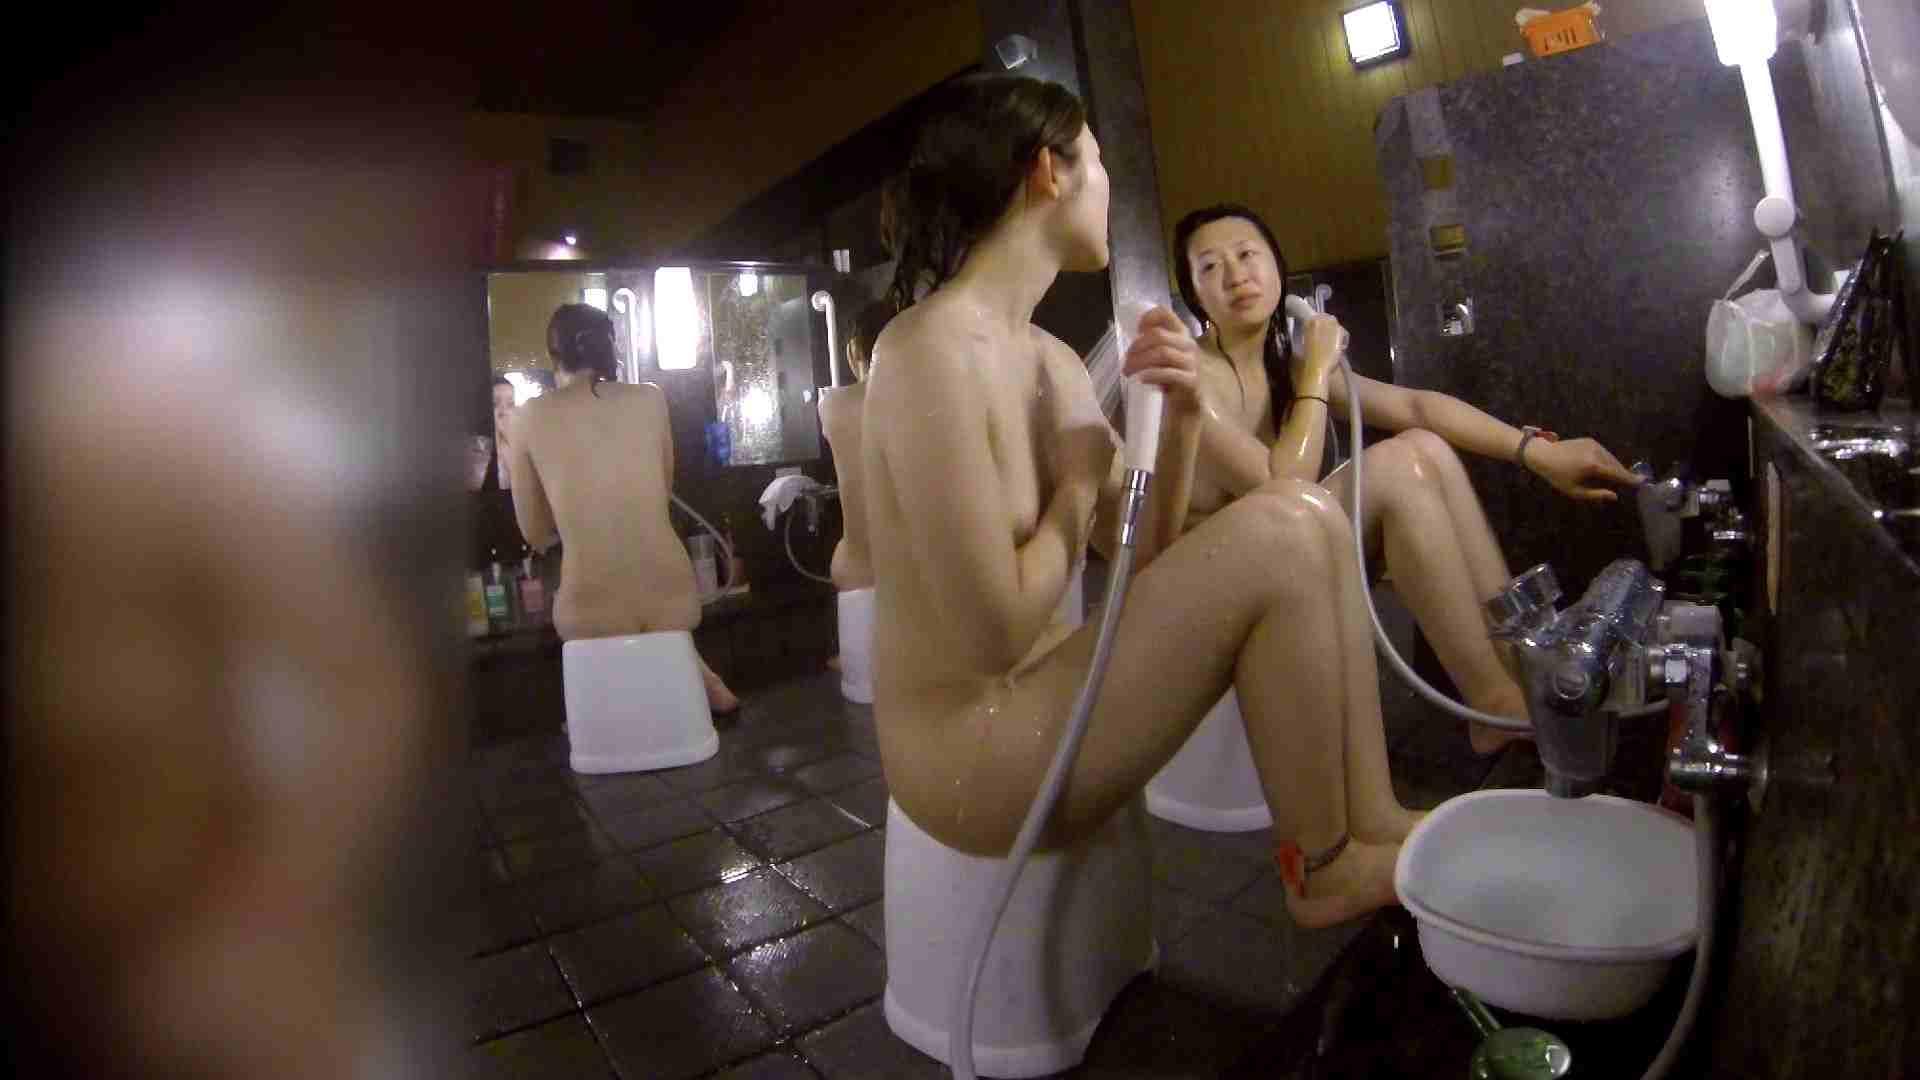 洗い場!地味目の女の子2人組。ずっと話しながら洗ってます。 友人・知人 | ギャル達  111枚 97